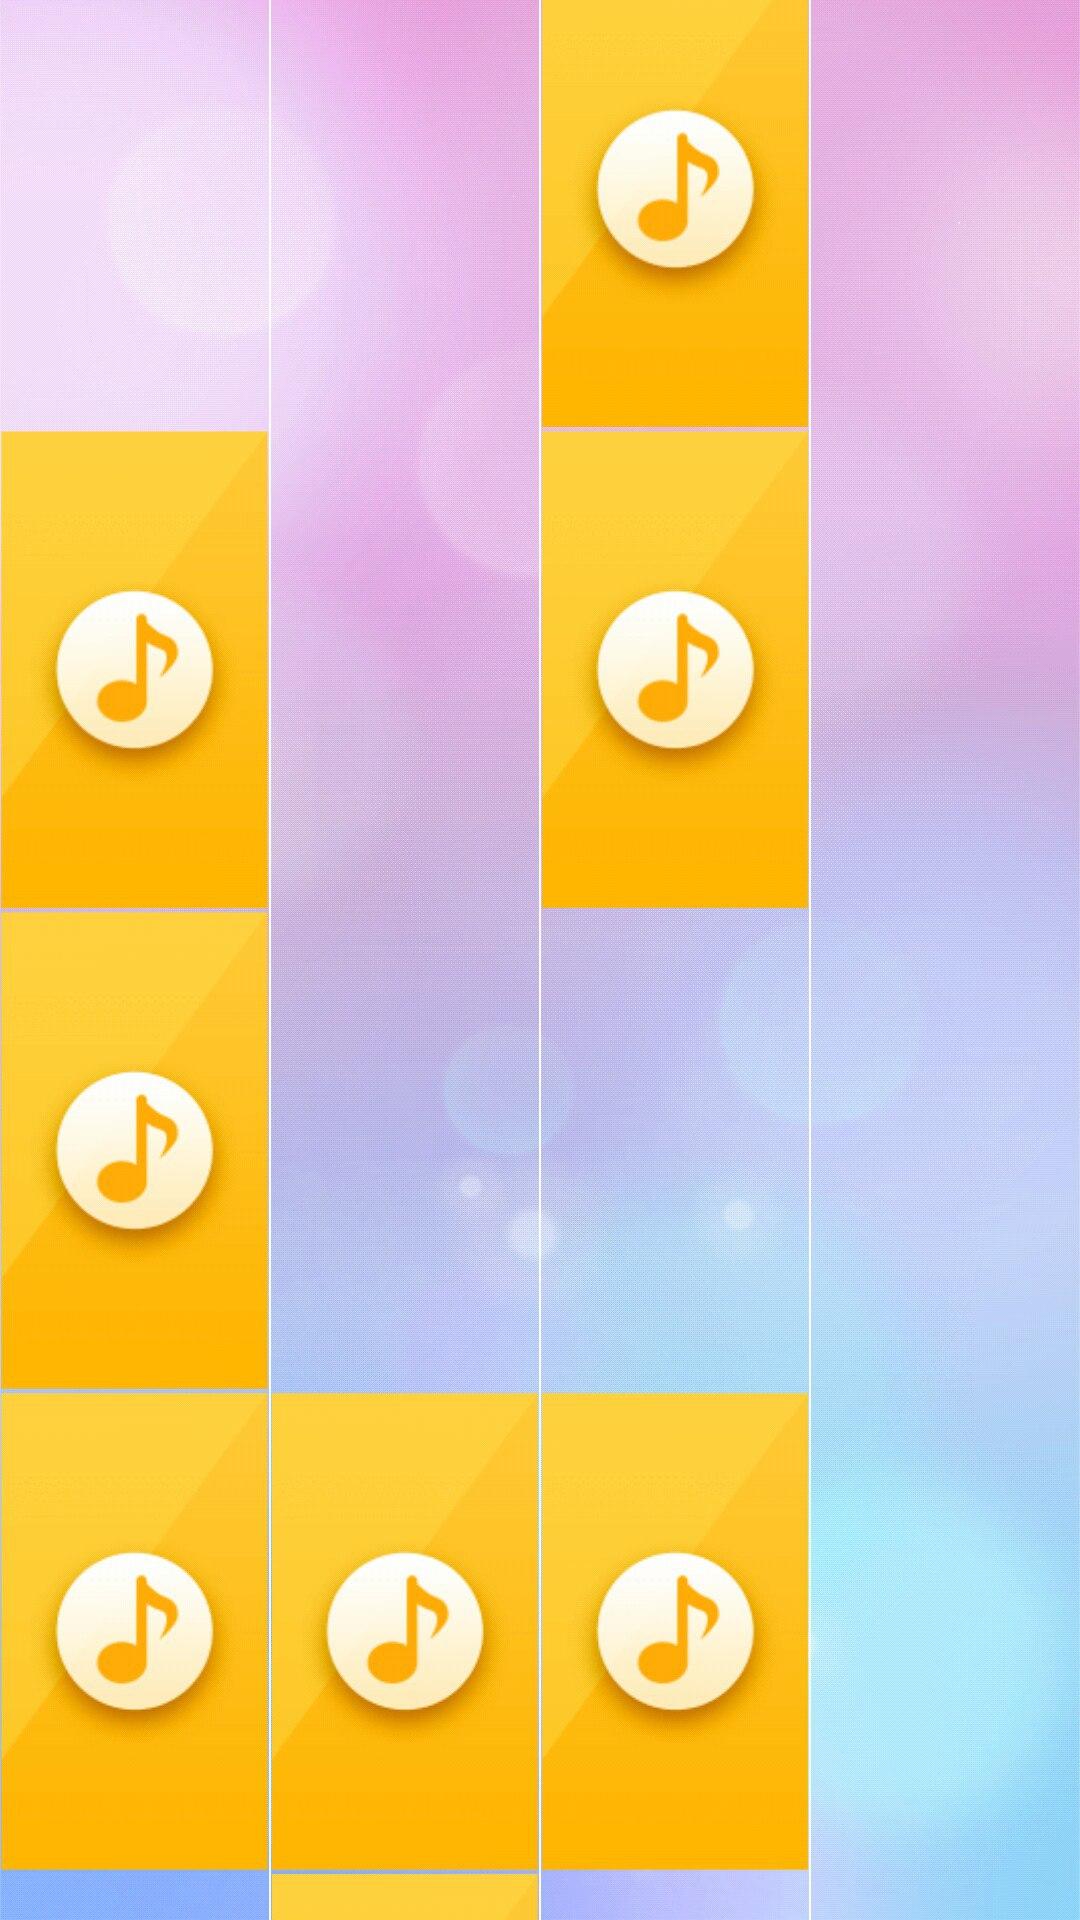 Скачать плитки фортепиано 2 для андроид бесплатно.